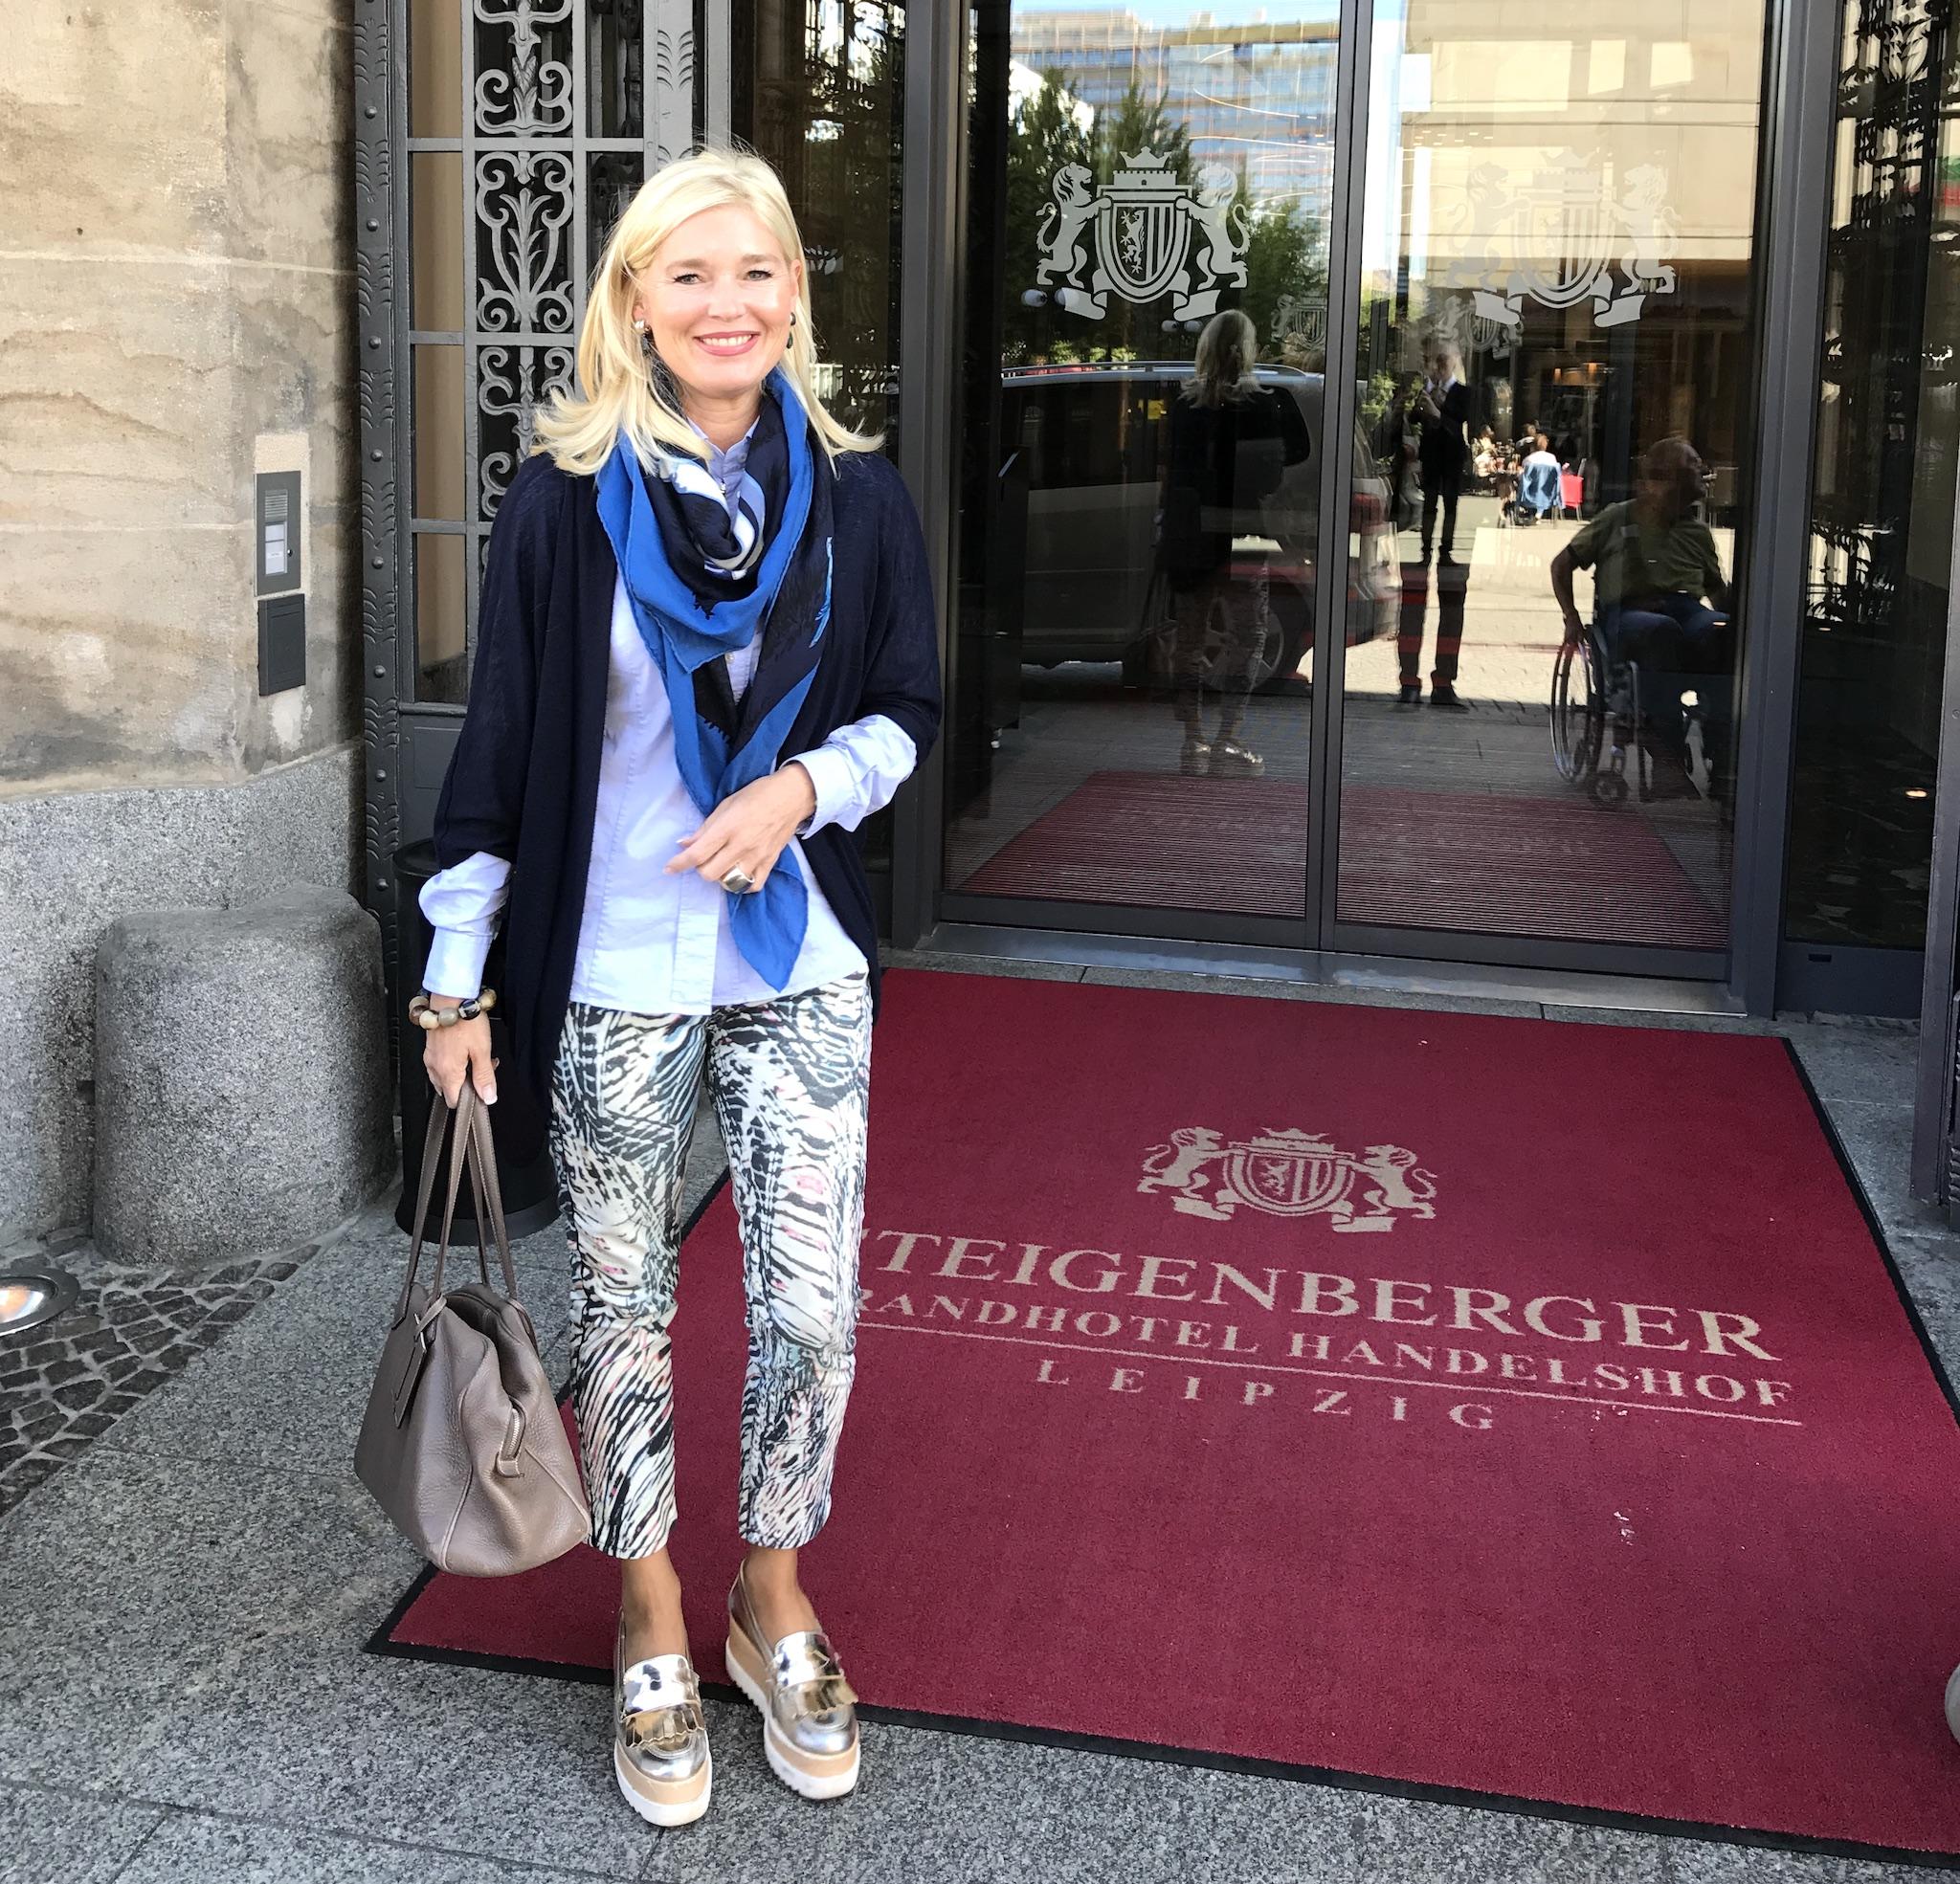 Alltagslook, Städtereisen Outfit, Städtereisen Look, Was ziehe ich während einer Städtereise an, Fashion-Blog, Lieblingsstil.com,